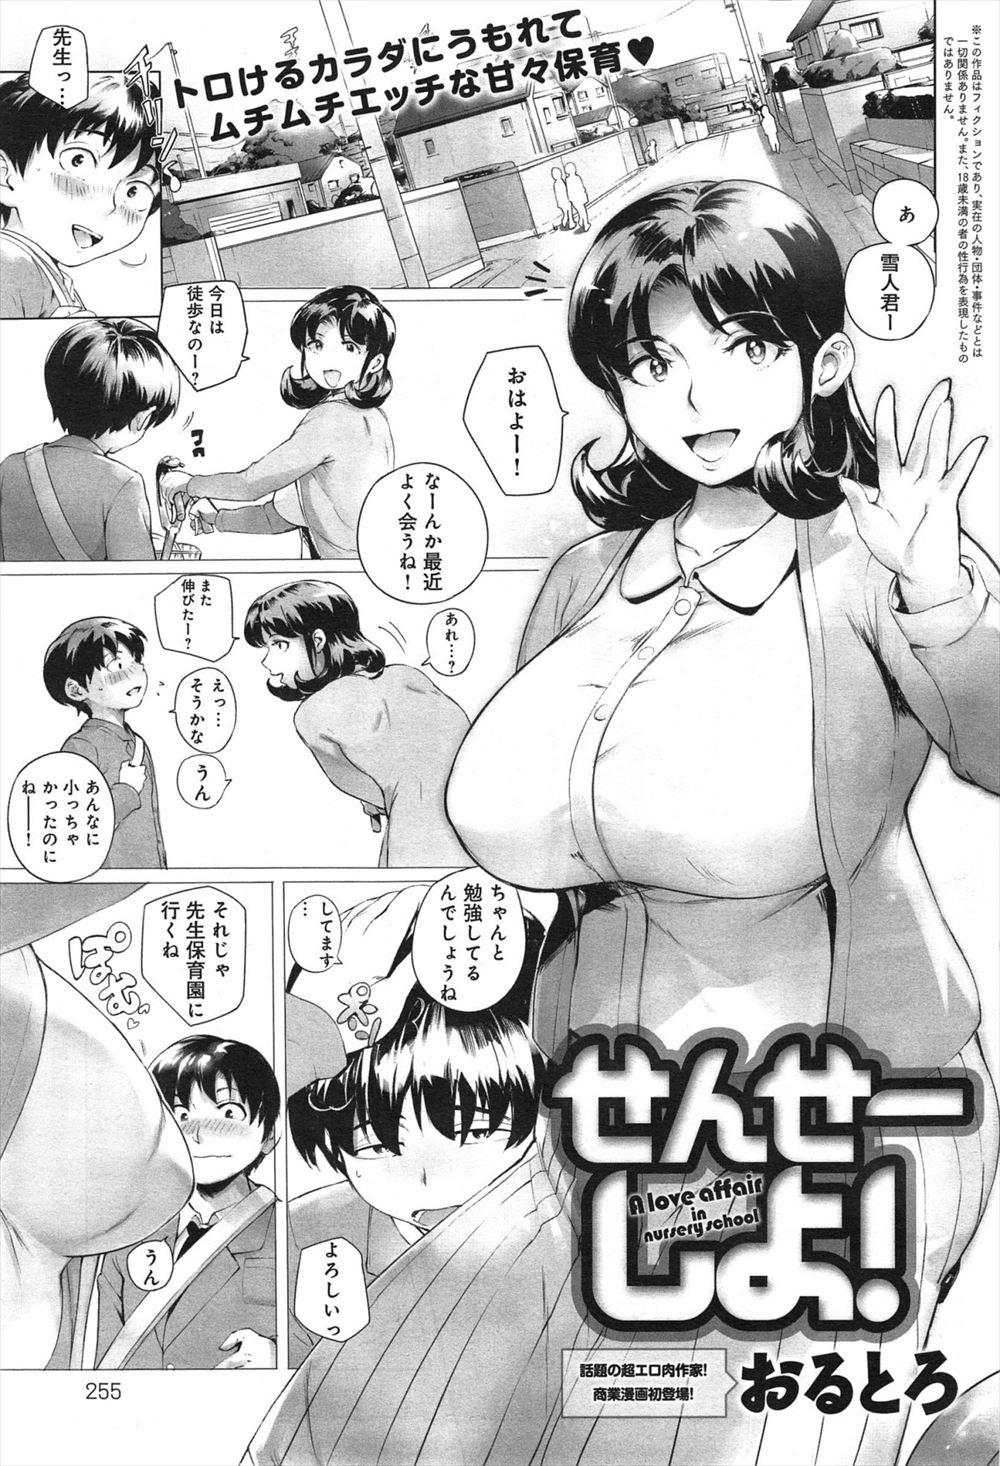 【エロ漫画】初恋の保育士の先生が結婚すると聞いて、彼女をつい押し倒してしまいそのままセックスまで発展するw【無料 エロ漫画】